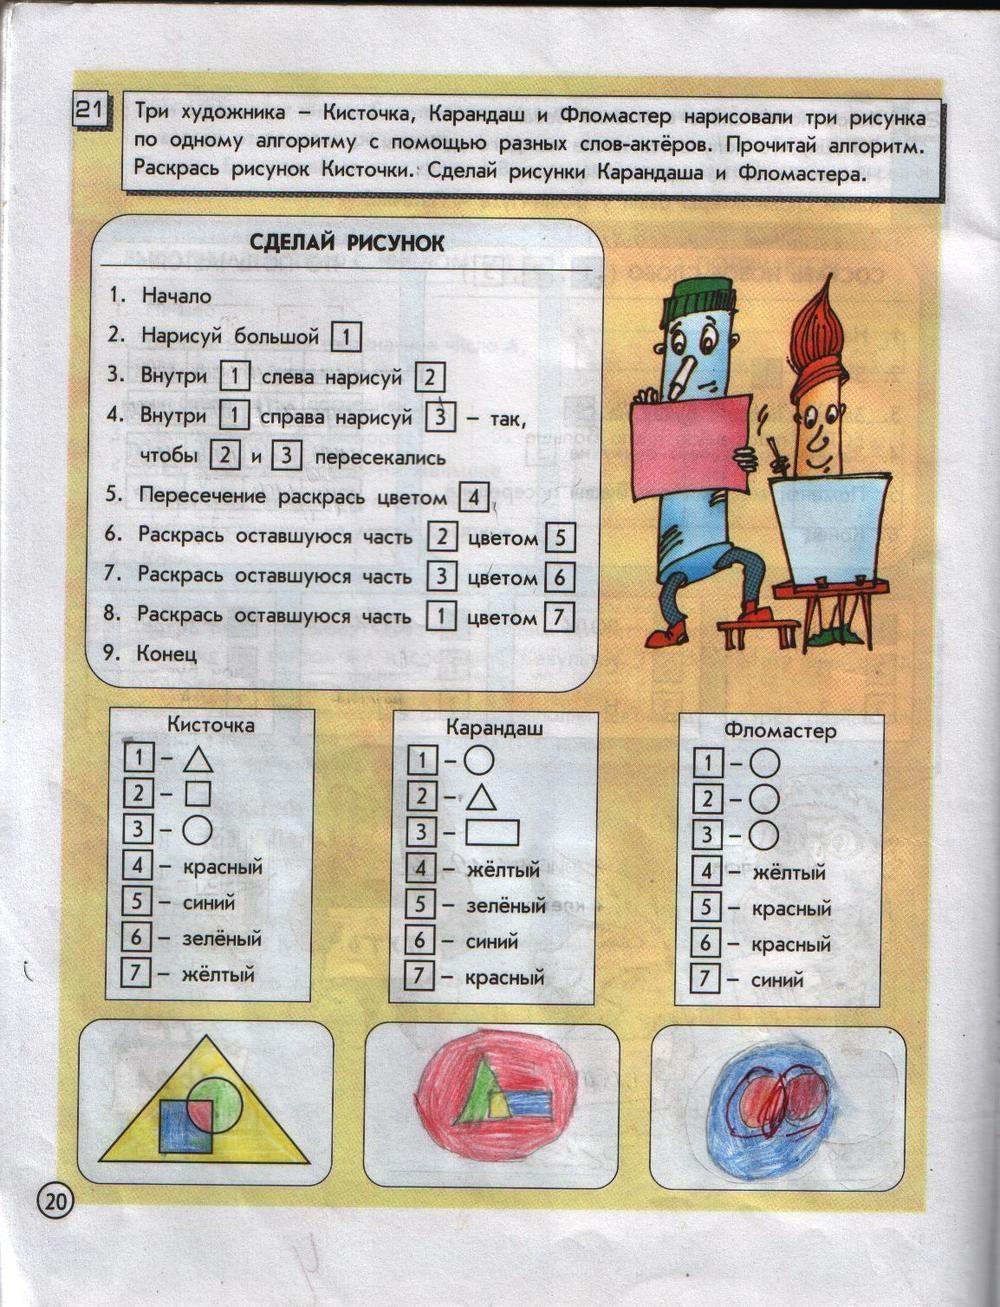 решебник по информатика 4 класс горячев рабочая тетрадь